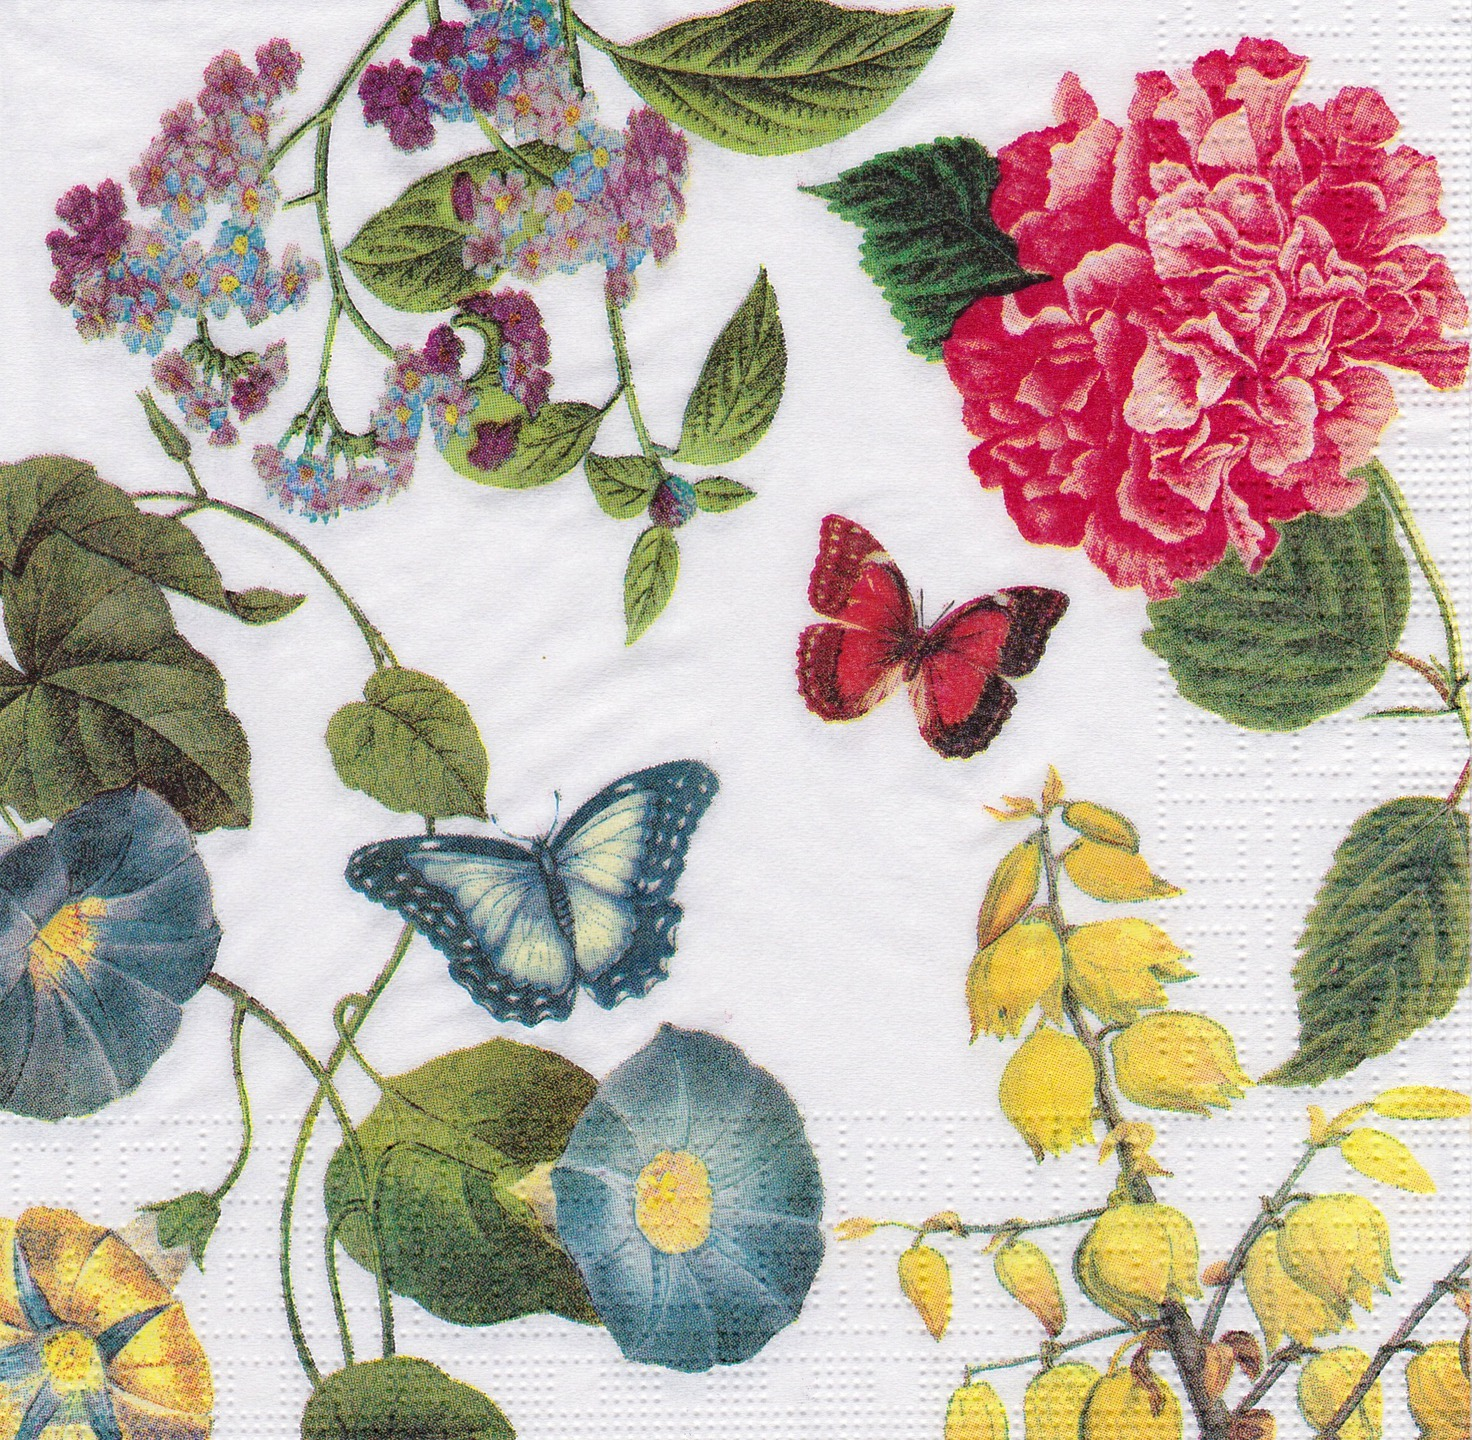 Serviette Fleurs Sauvages et Papillons Hortensia